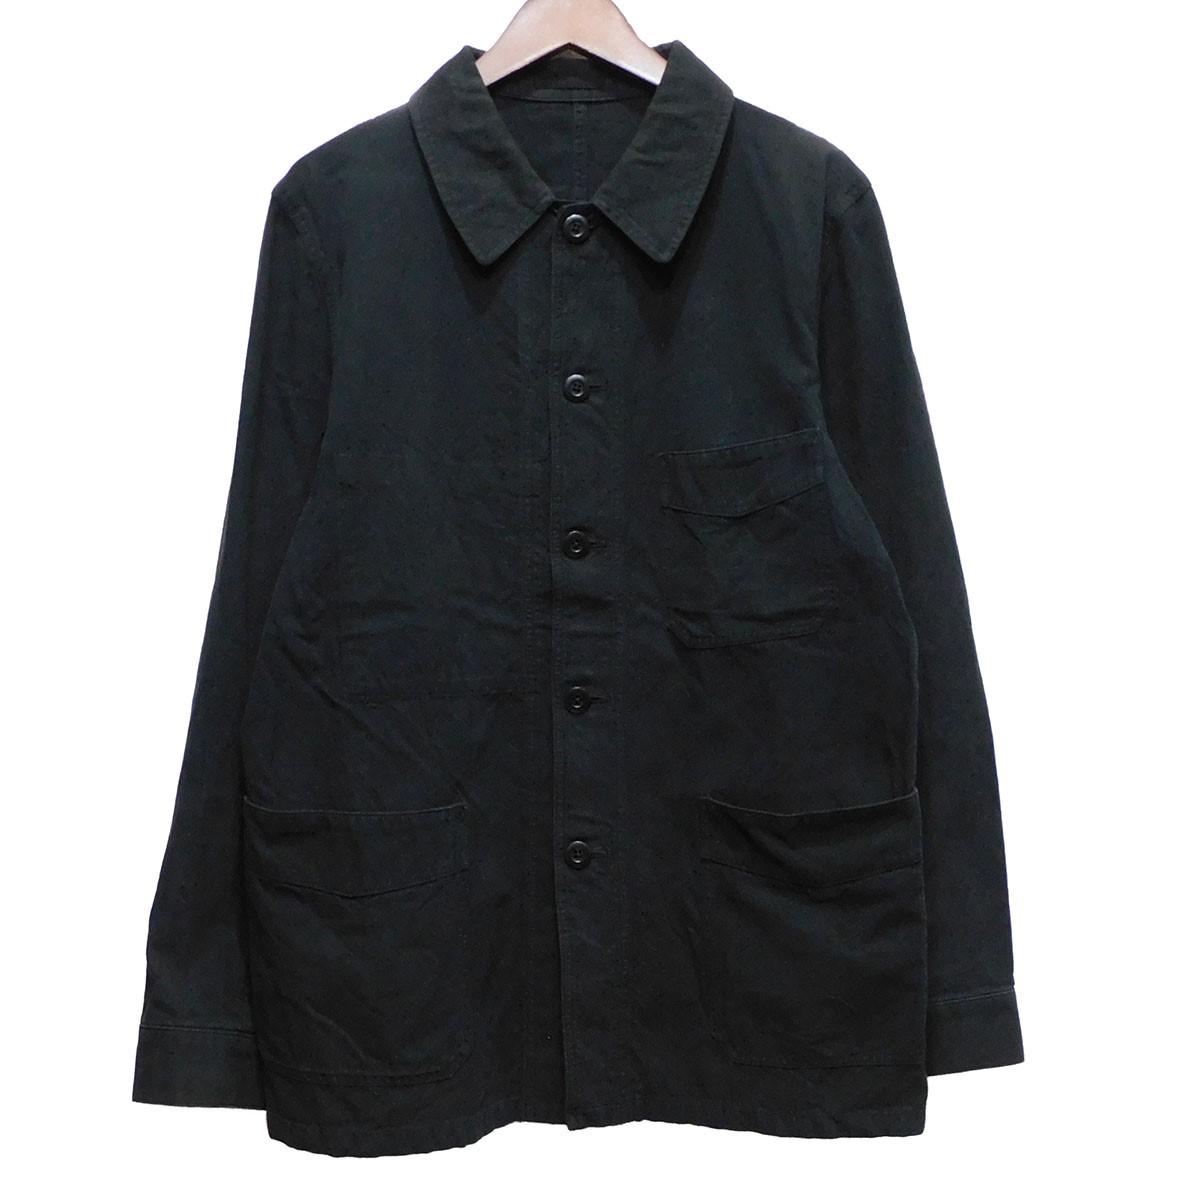 【中古】Y's for men カバーオール ブラック サイズ:3 【260420】(ワイズフォーメン)